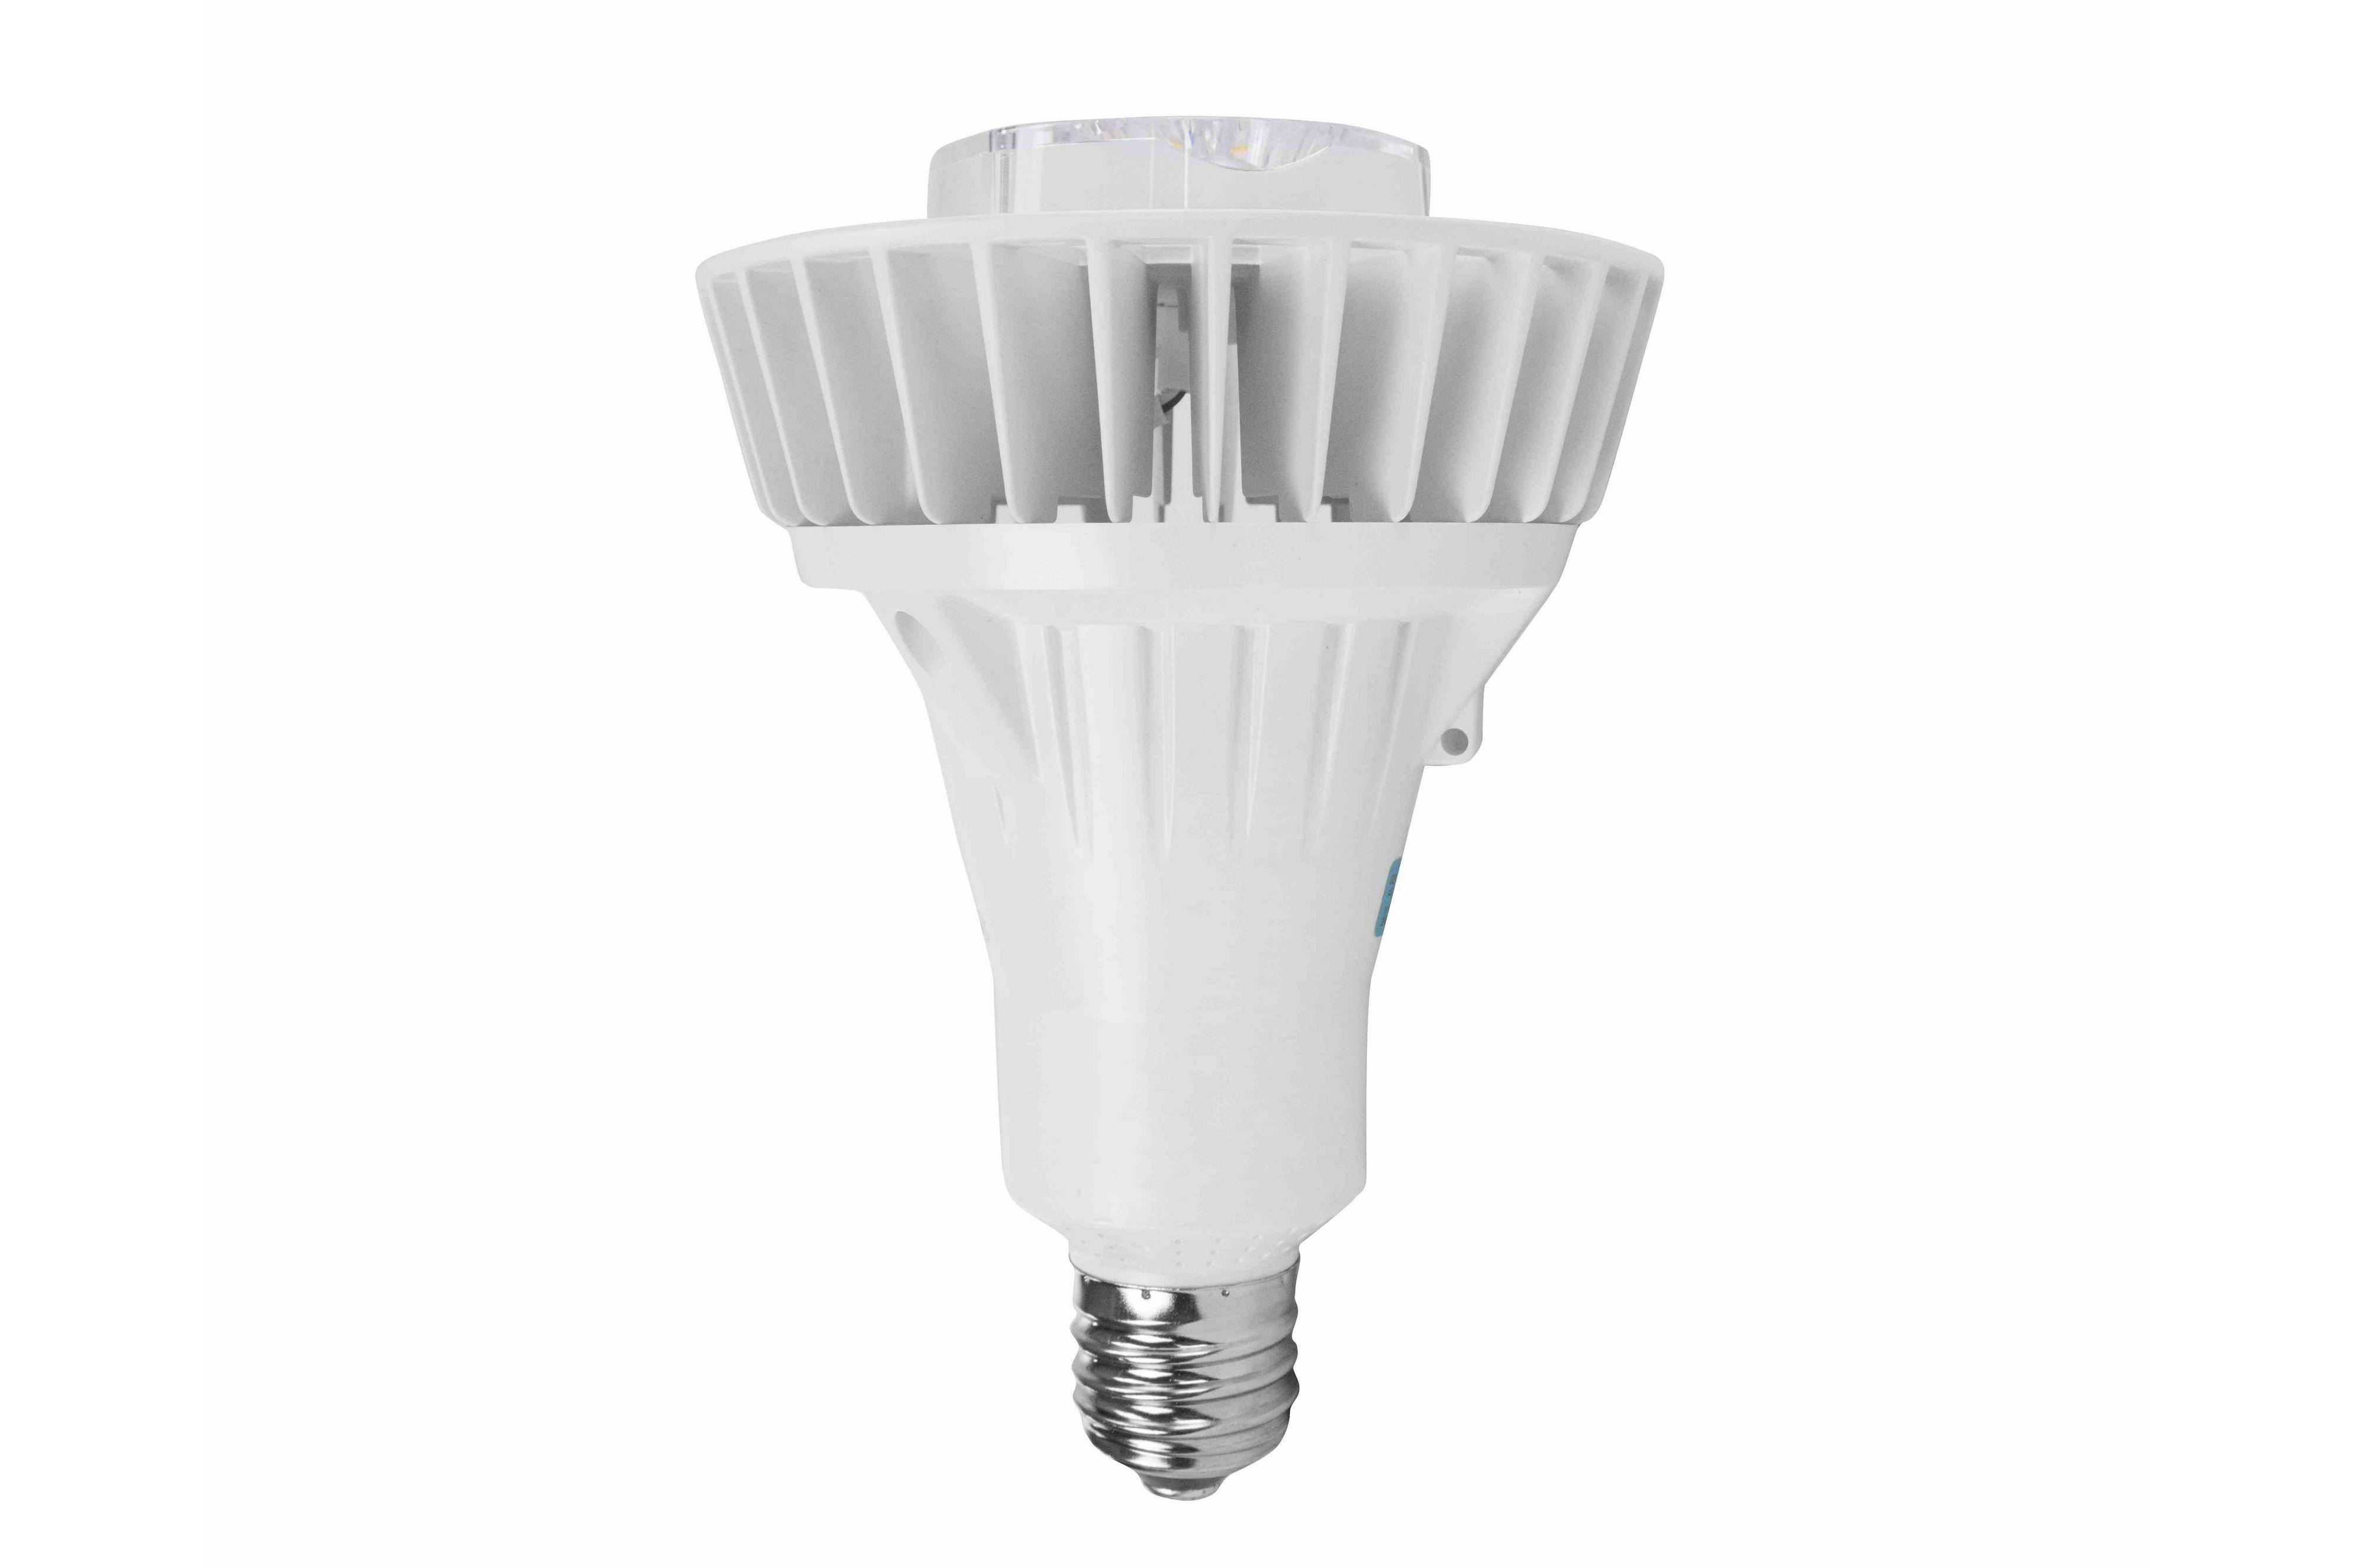 Base 43 120 Bt56 Screw 4 200 Lamp E39 277v Led Ac Watt Lumens W9HEID2